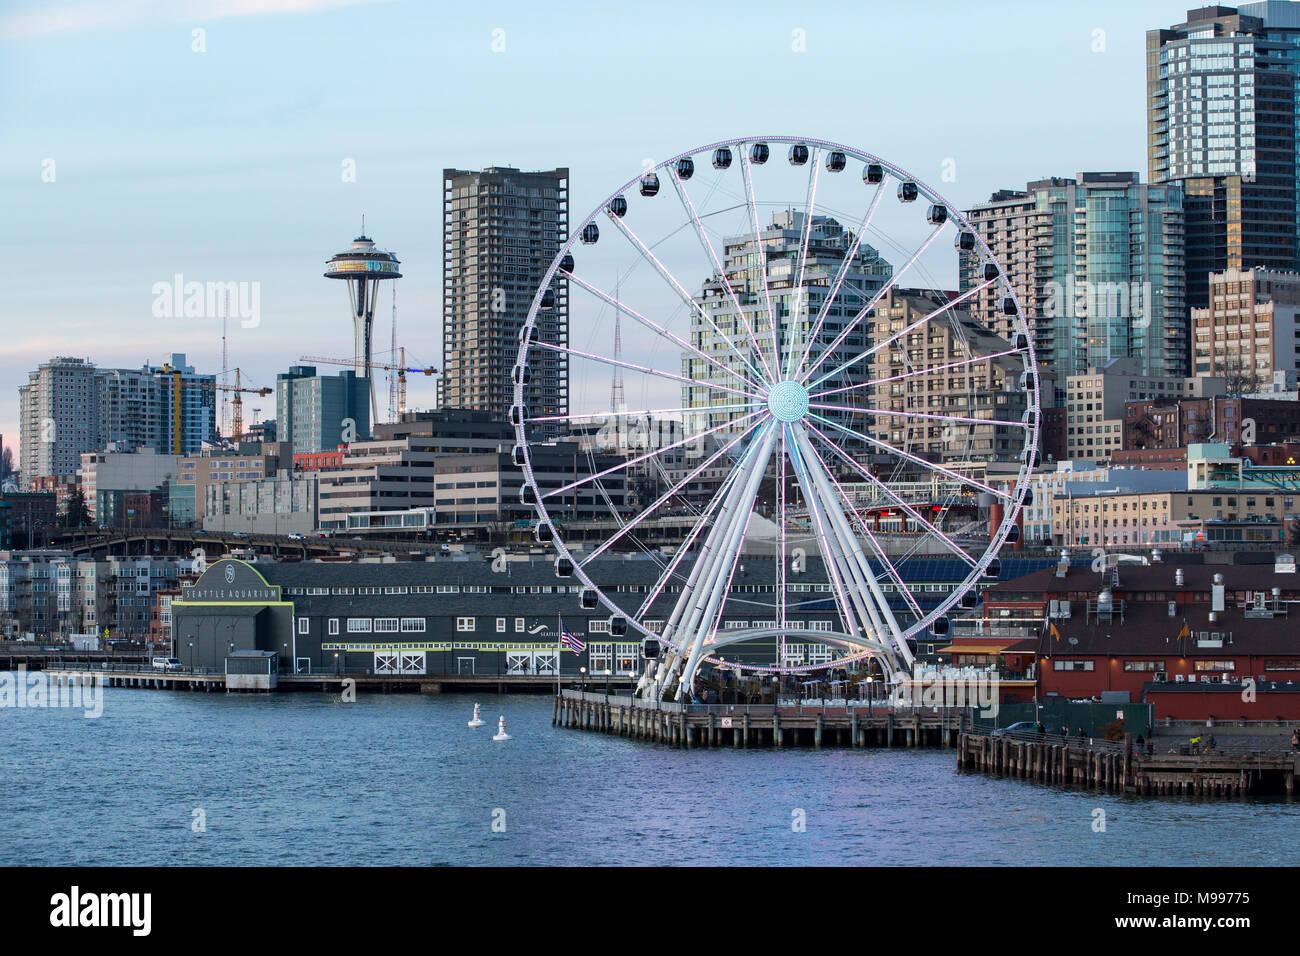 Lo skyline di Seattle Waterfront al tramonto con Seattle lo Space Needle e il Seattle grande ruota, ruota panoramica Ferris, Seattle Washington. Immagini Stock